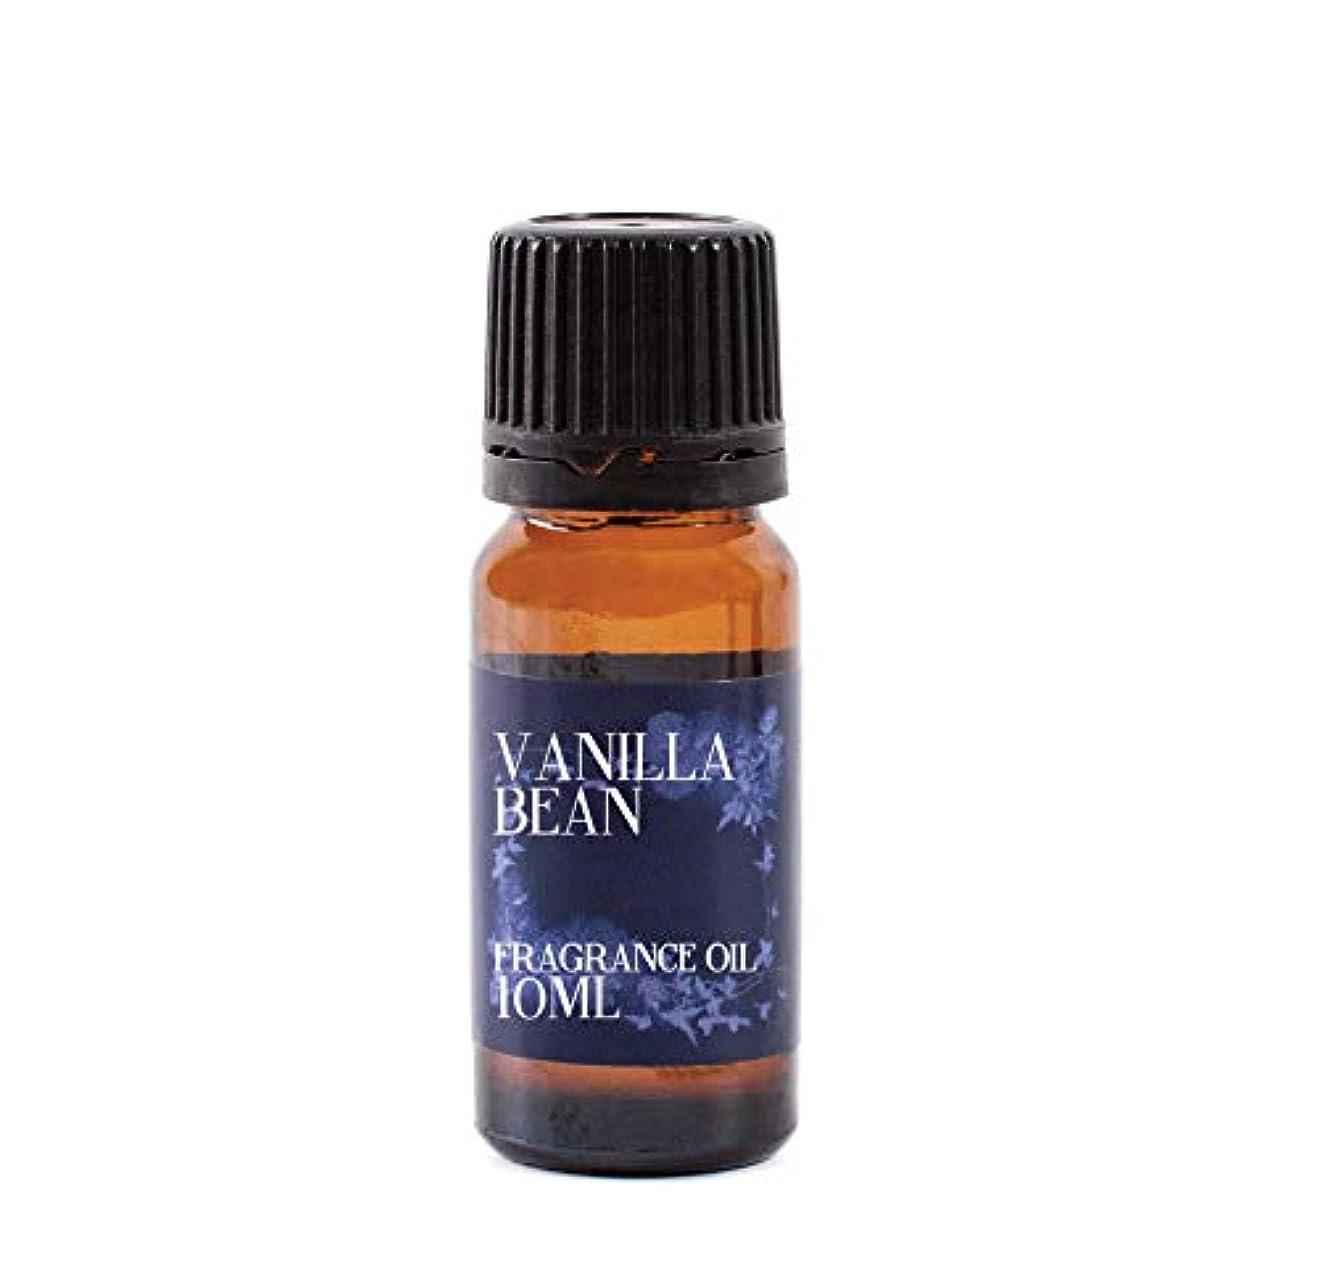 受取人指標検索エンジン最適化Mystic Moments | Vanilla Bean Fragrance Oil - 10ml